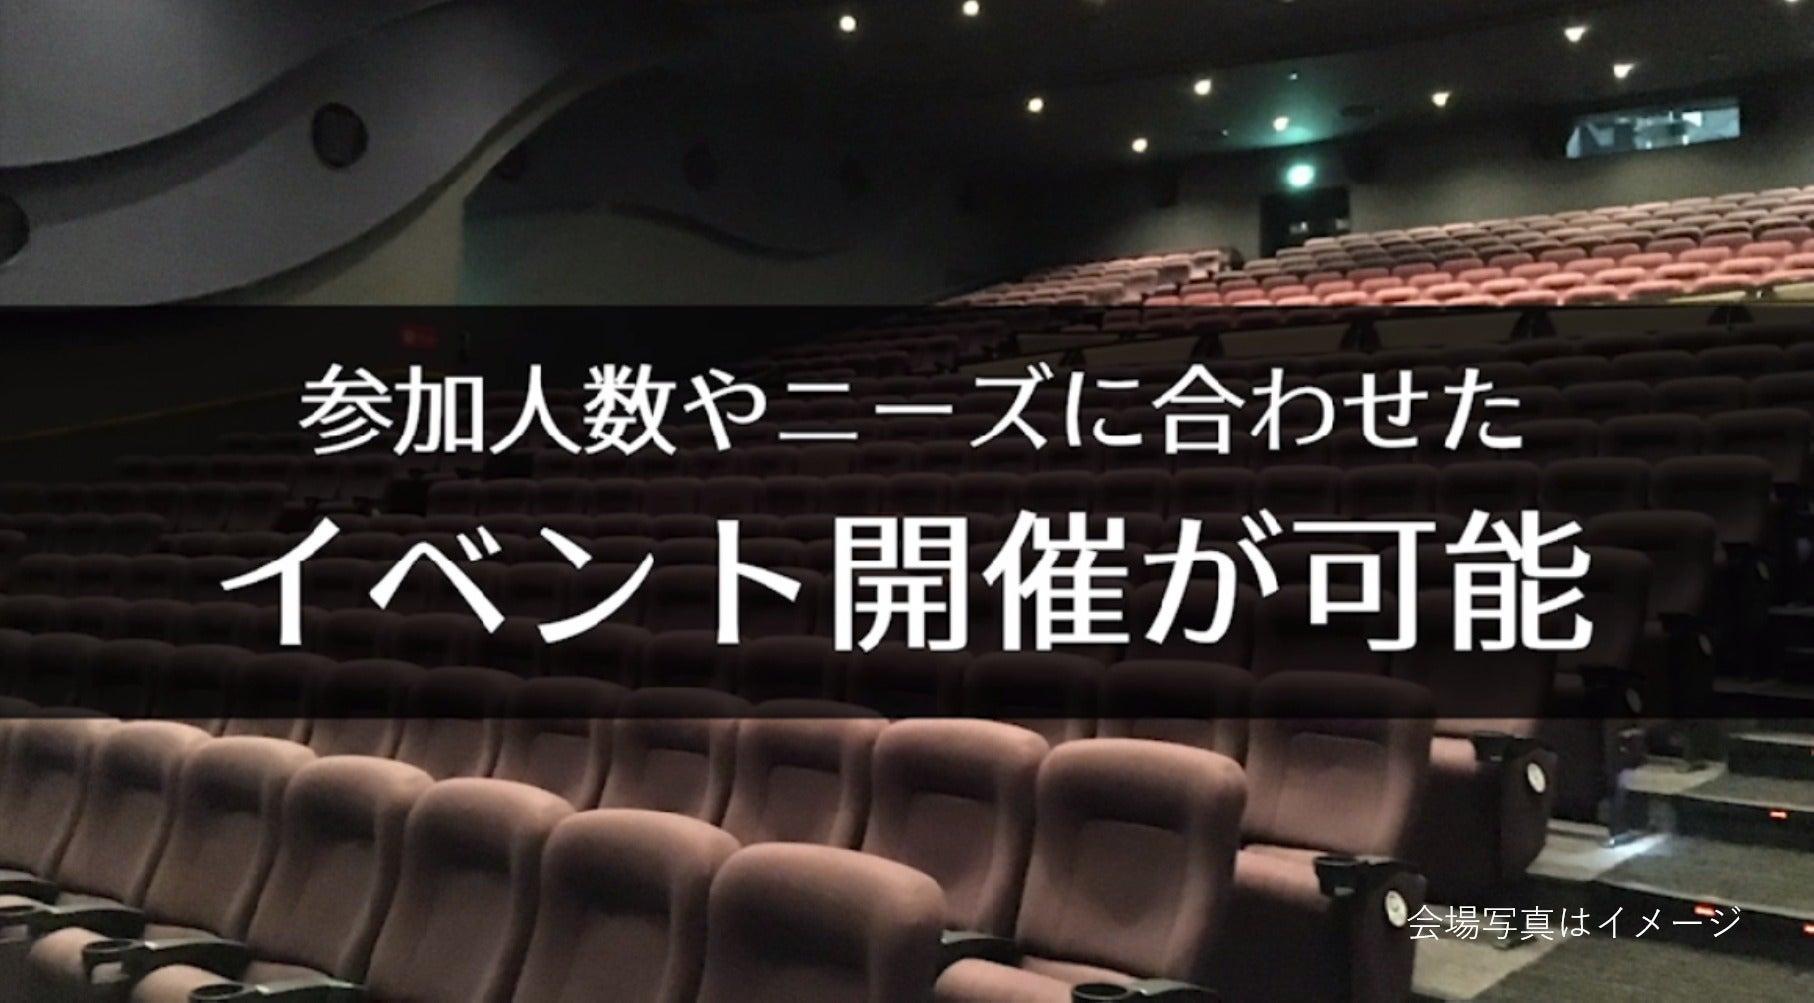 【橿原 479席】映画館で、会社説明会、株主総会、講演会の企画はいかがですか?(ユナイテッド・シネマ橿原) の写真0